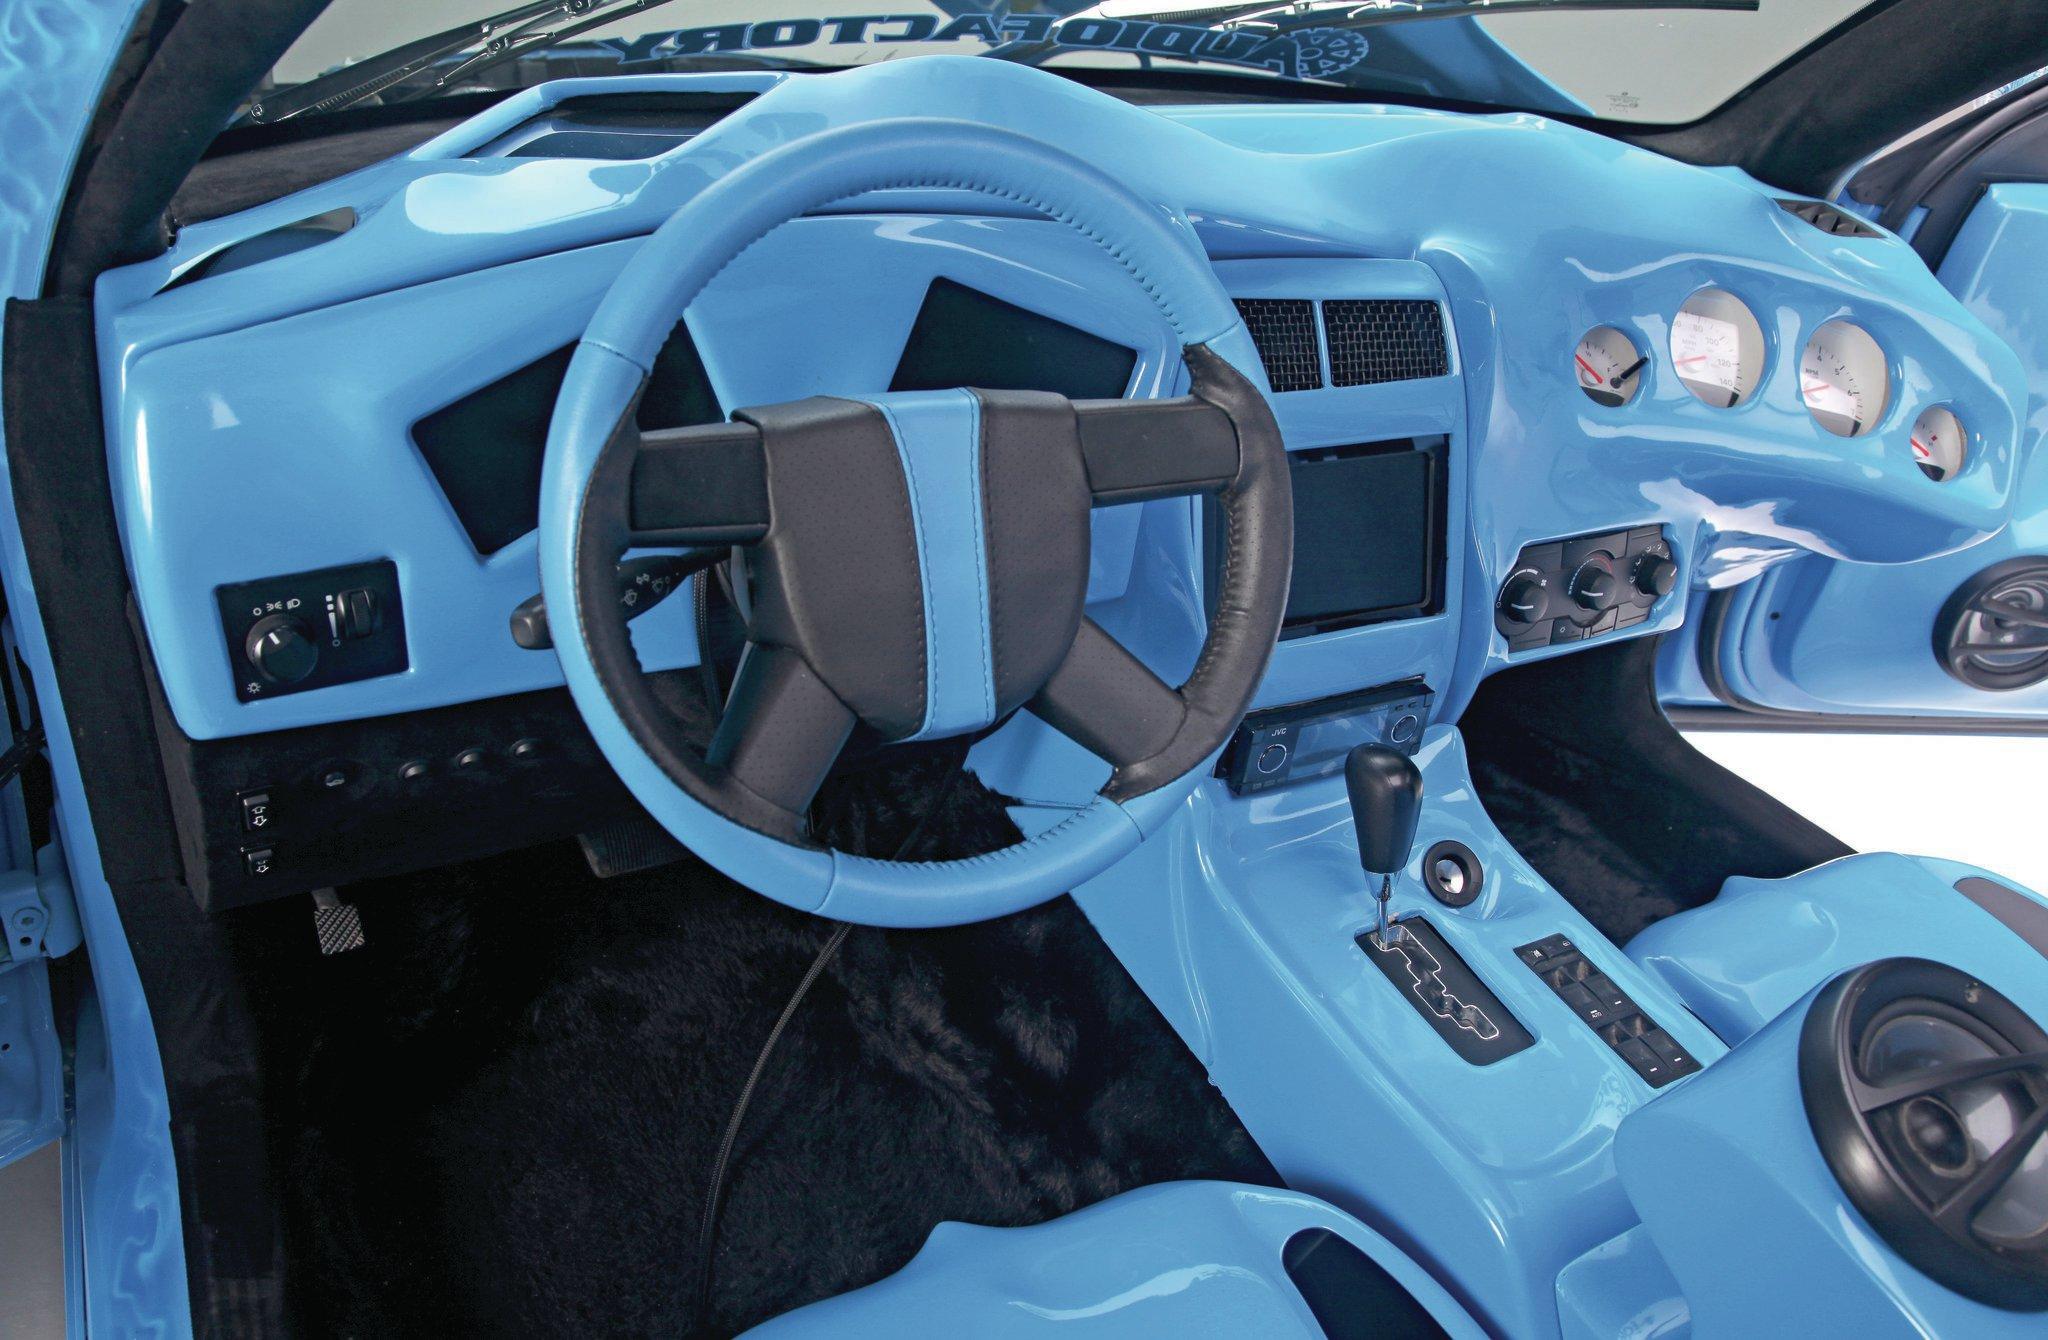 2006 Dodge Charger - Phantom King